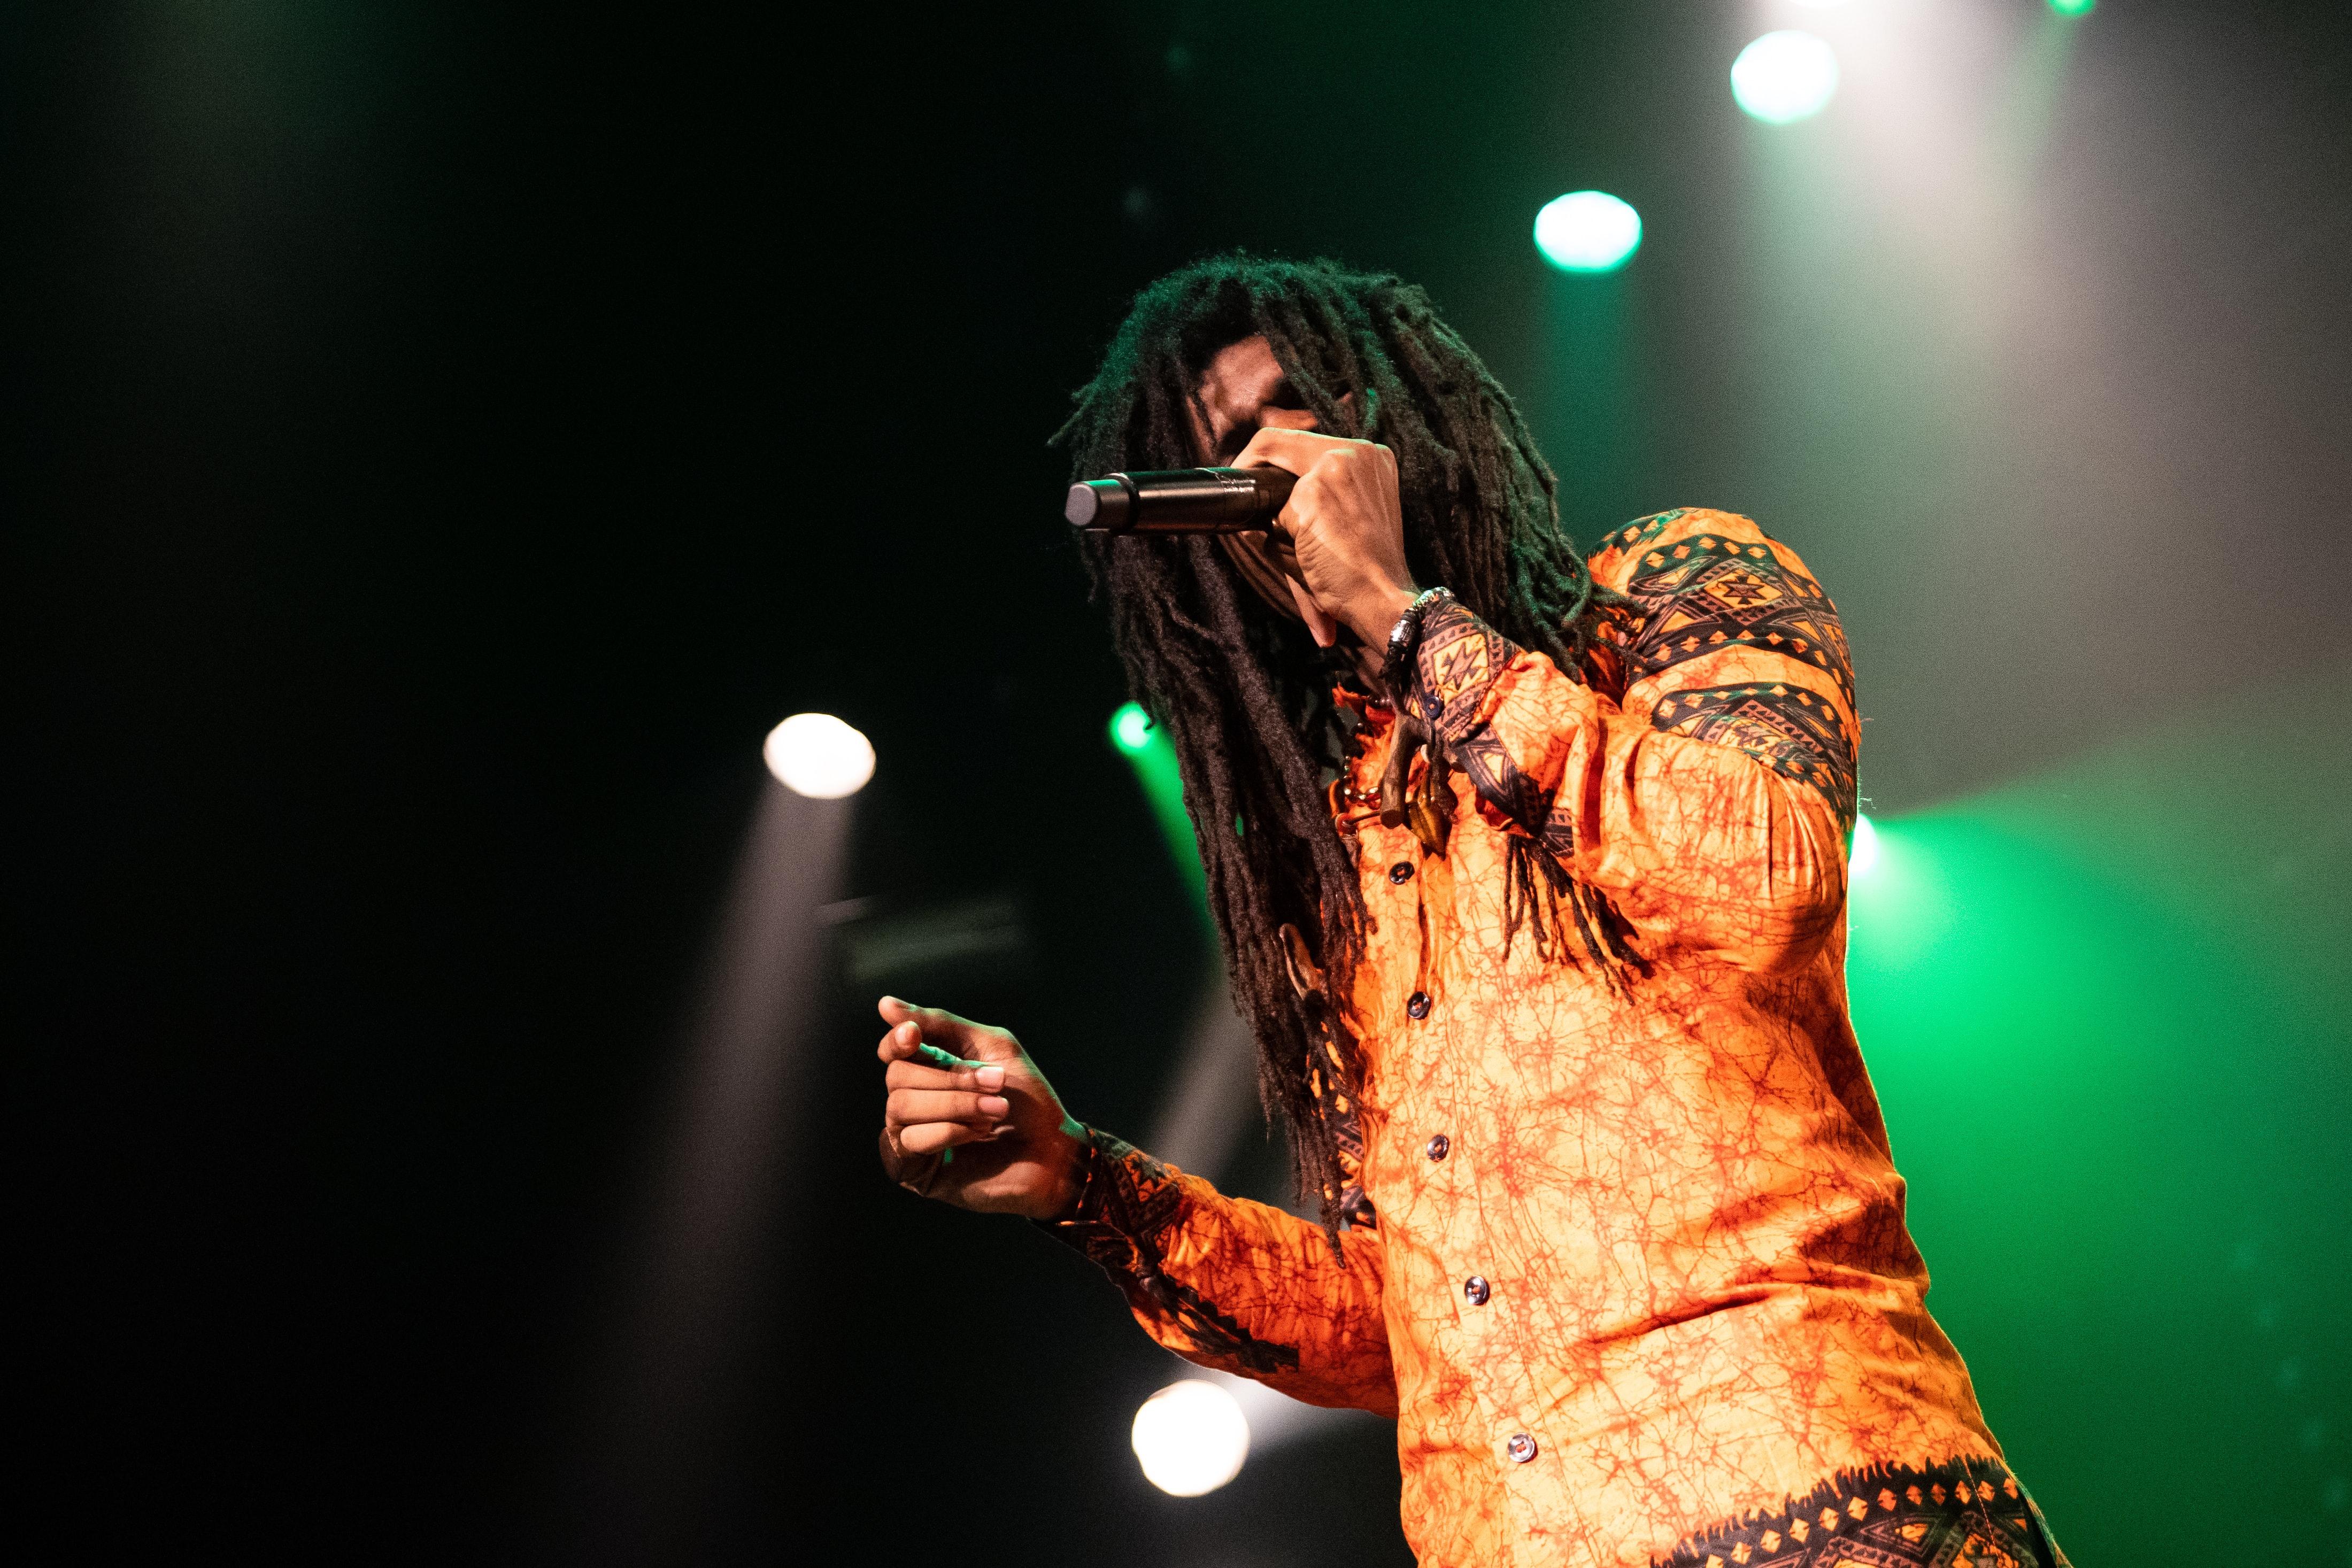 engager-artiste-reggae.jpg